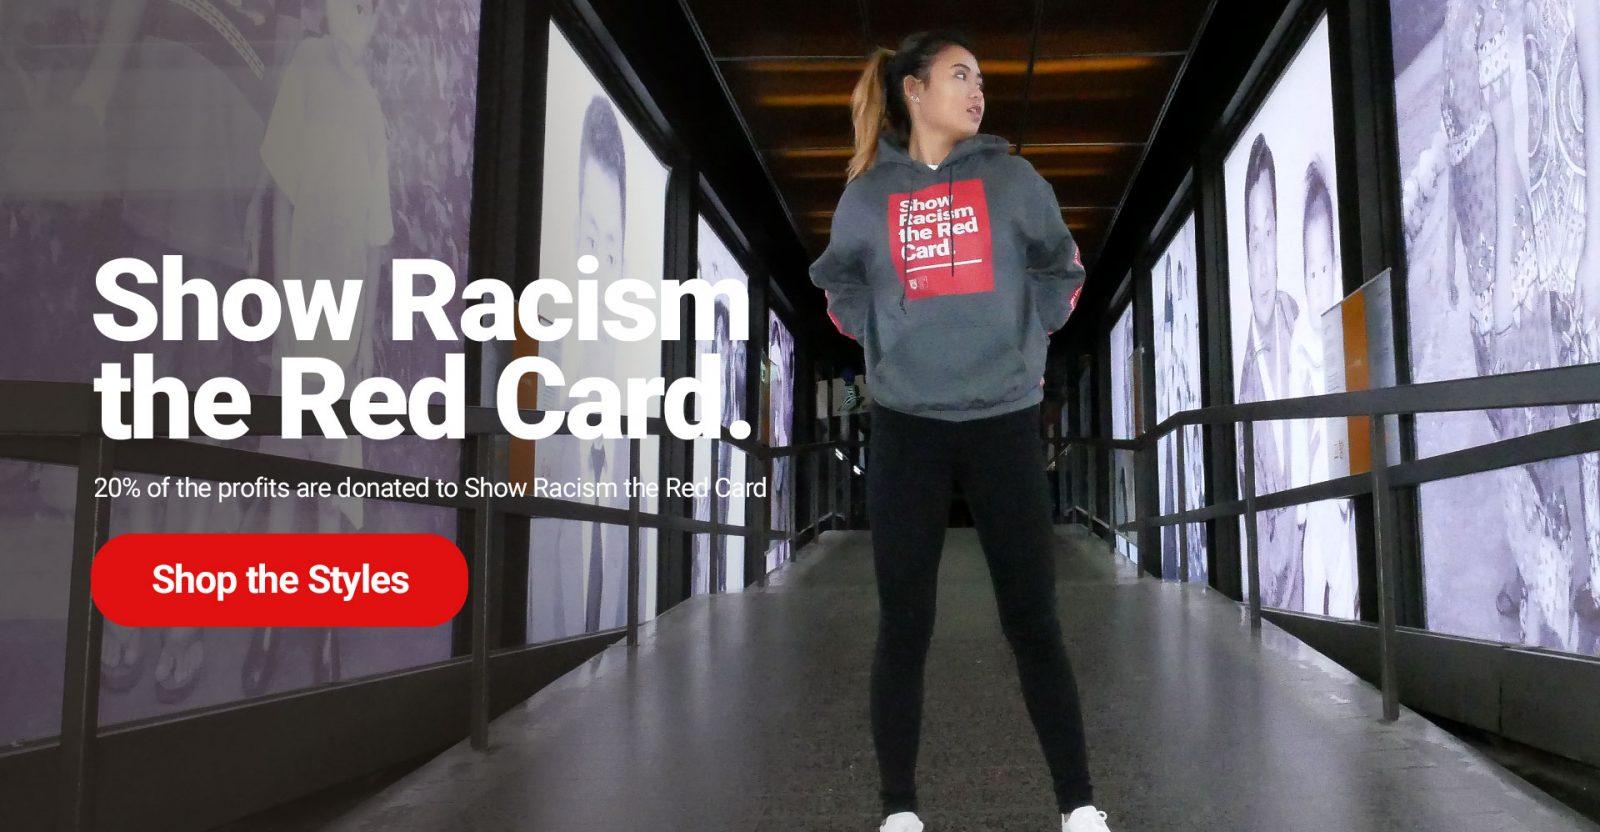 karen-national-team-full-image-header-desktop-show-racism-the-red-card-page2